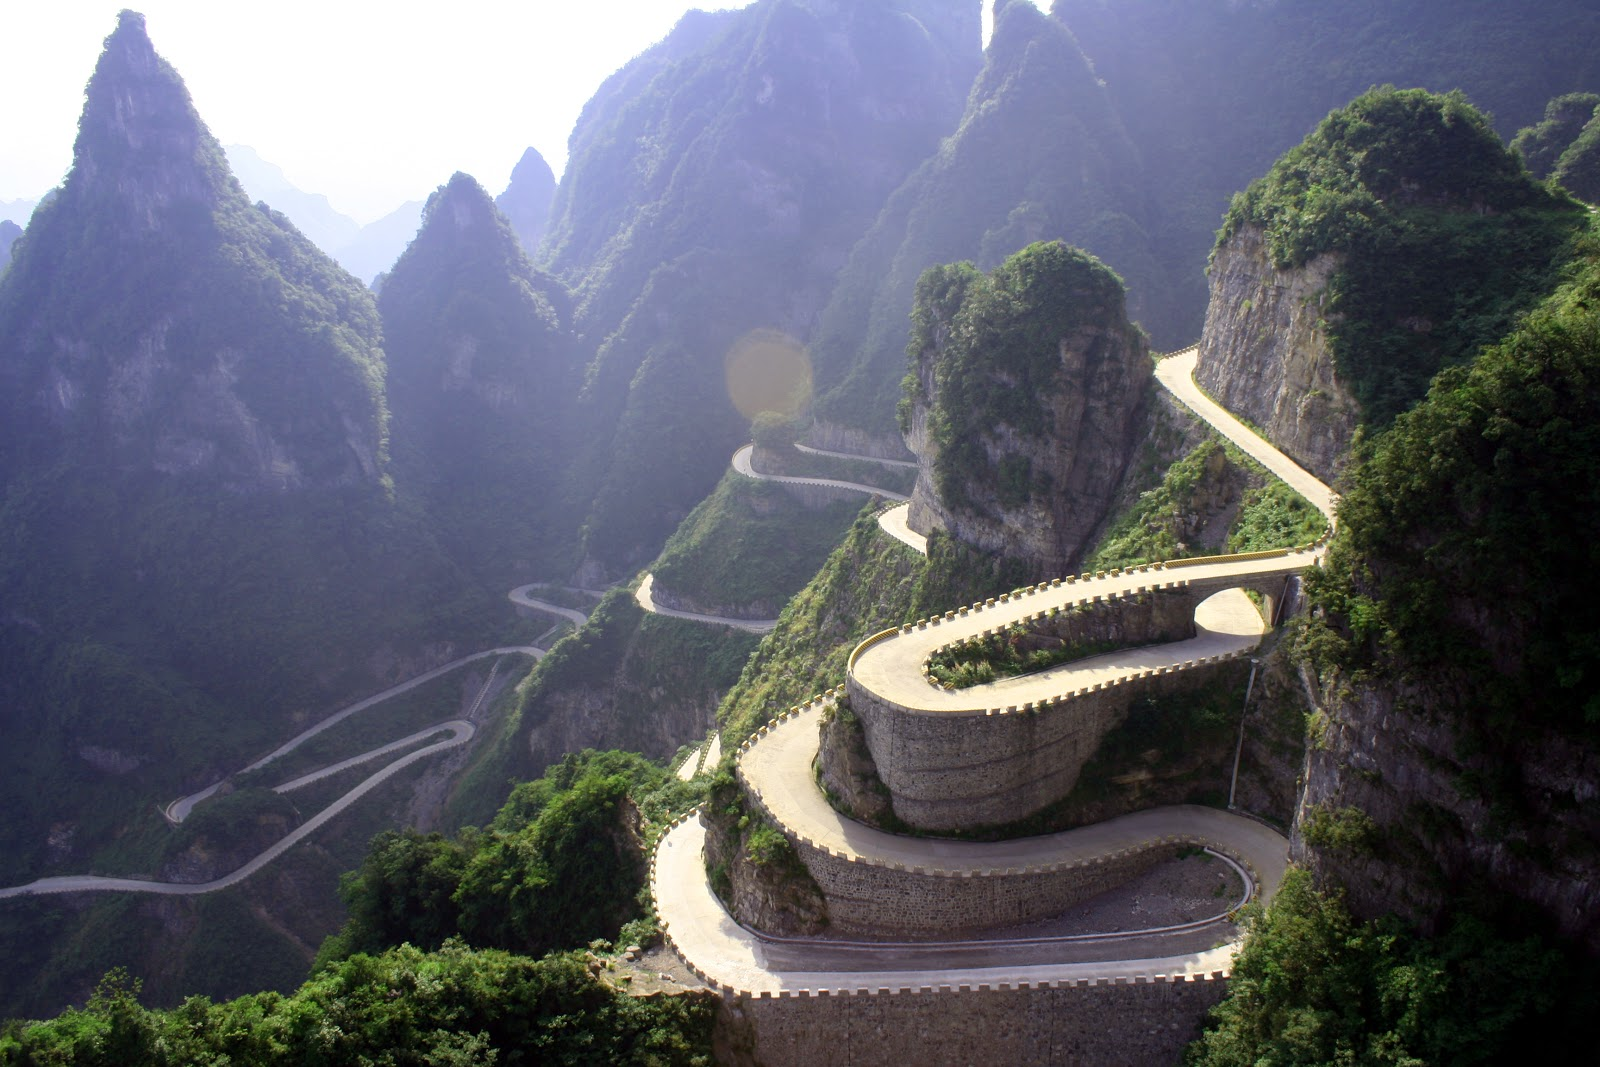 Xinxiang China  city pictures gallery : Moto Mucci: DAILY INSPIRATION: Tianzi Mountain, China